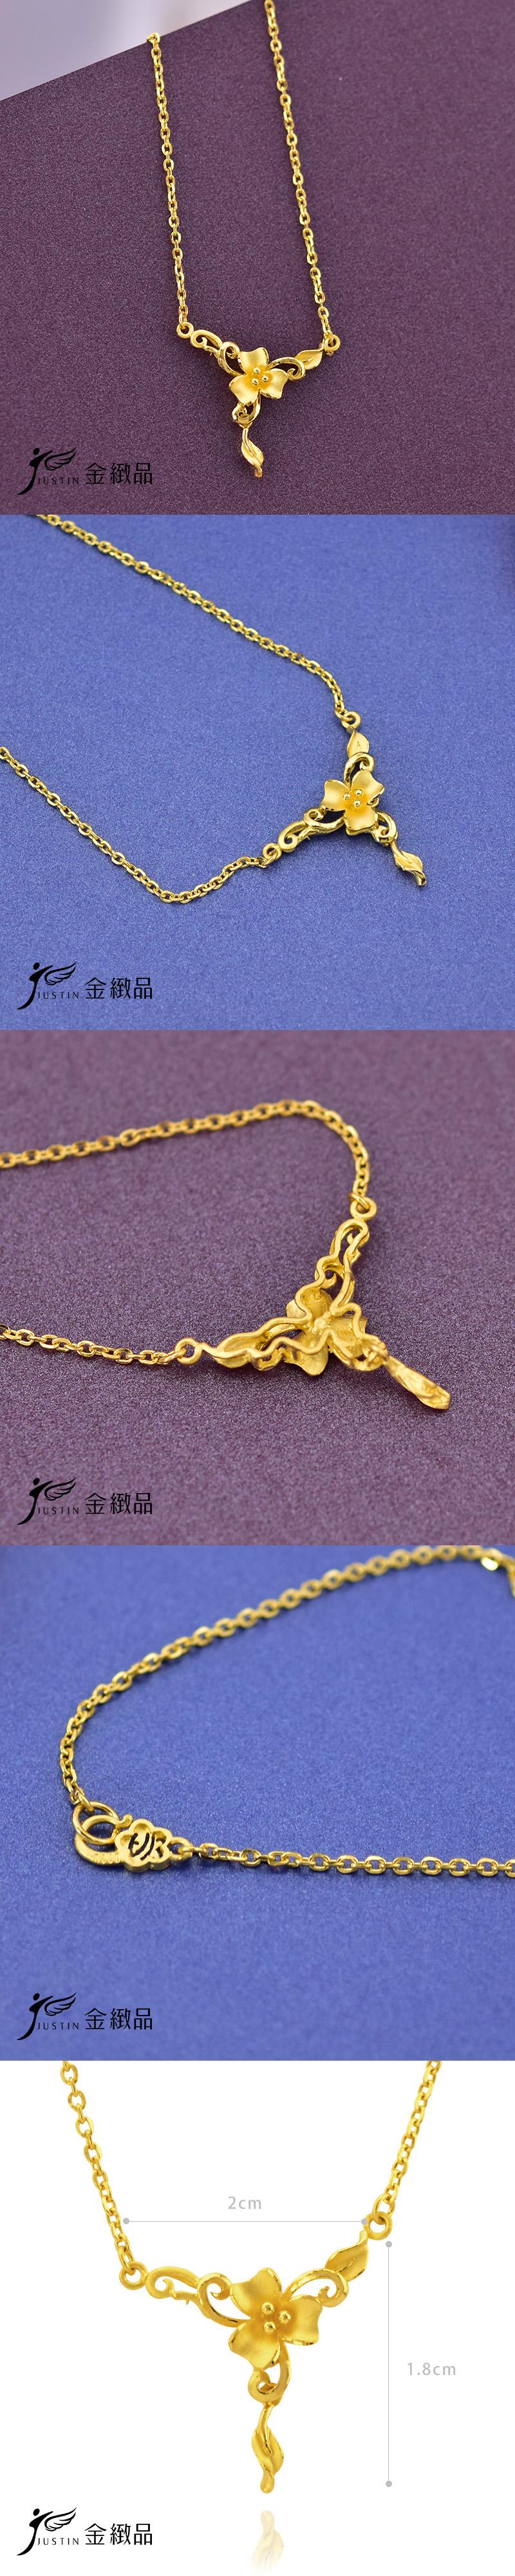 金緻品,金製品,黃金價格,金飾,金飾價格,黃金飾品,金飾店,純金,金飾品牌,黃金投資,黃金項鍊,金鍊子,幸福降臨,結婚項鍊,花想容